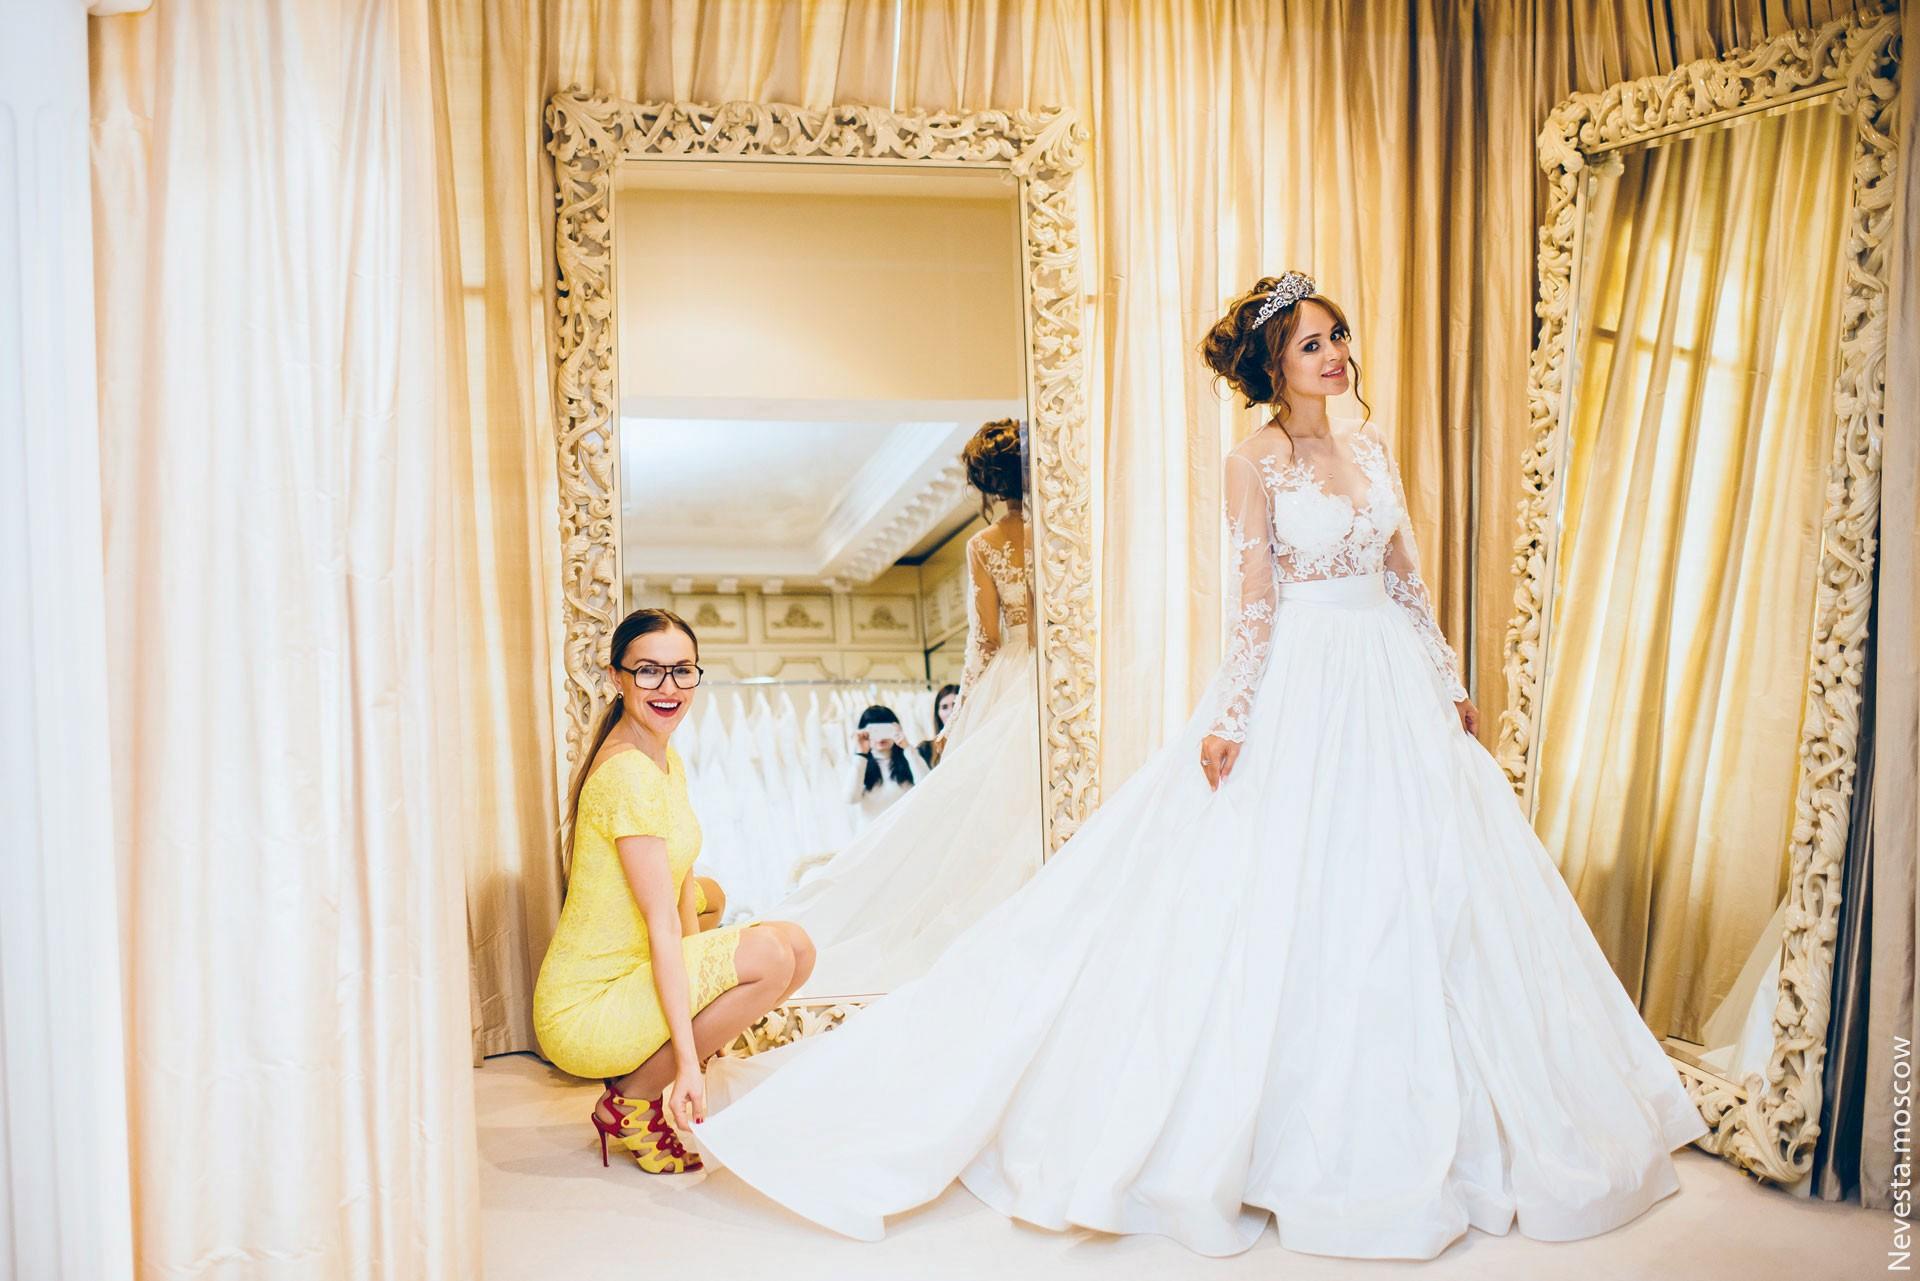 Анна Калашникова выбирает образ для своей свадьбы фото 36